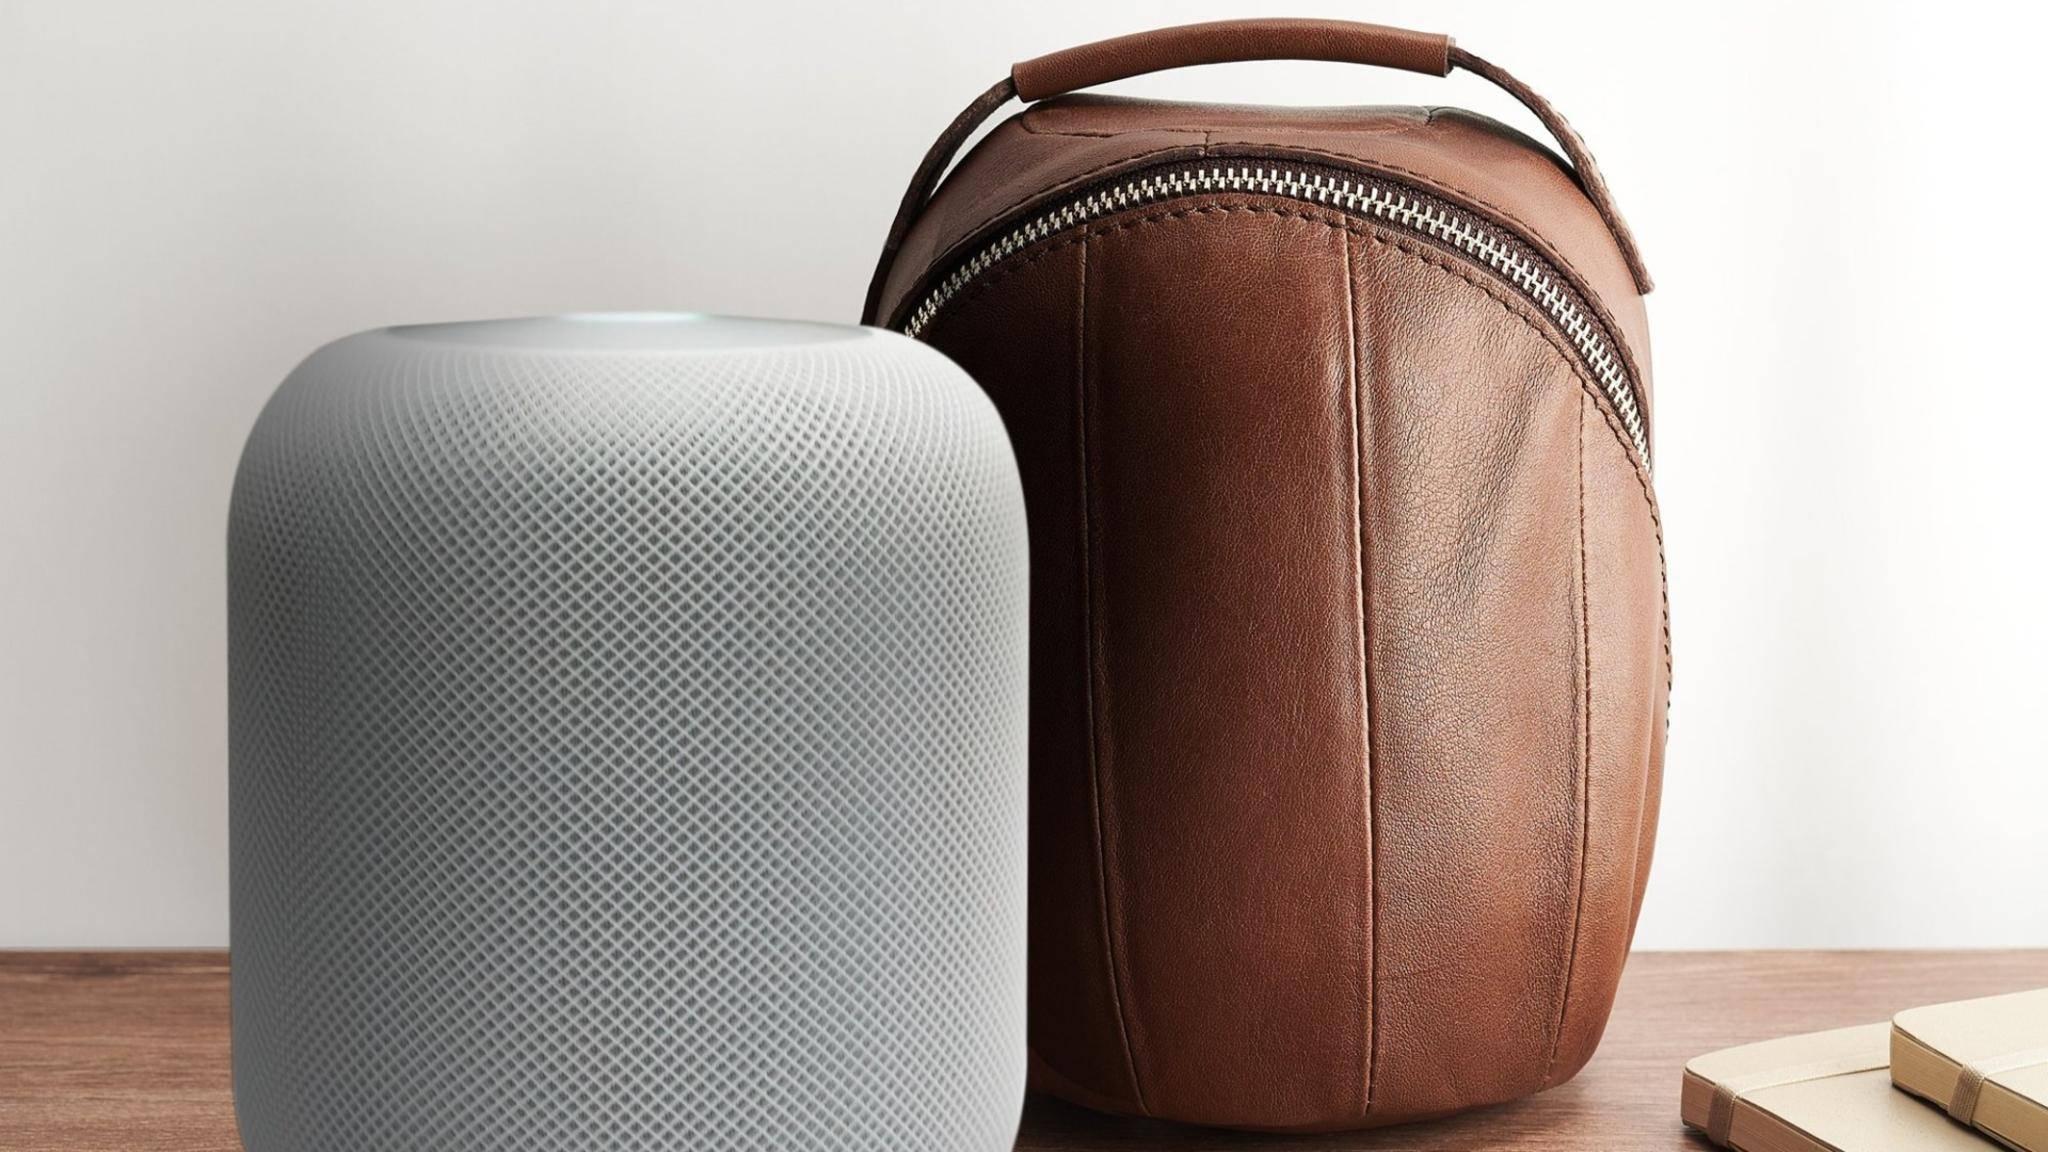 Der Apple HomePod lässt sich nun in diesem Ledercase unterbringen.